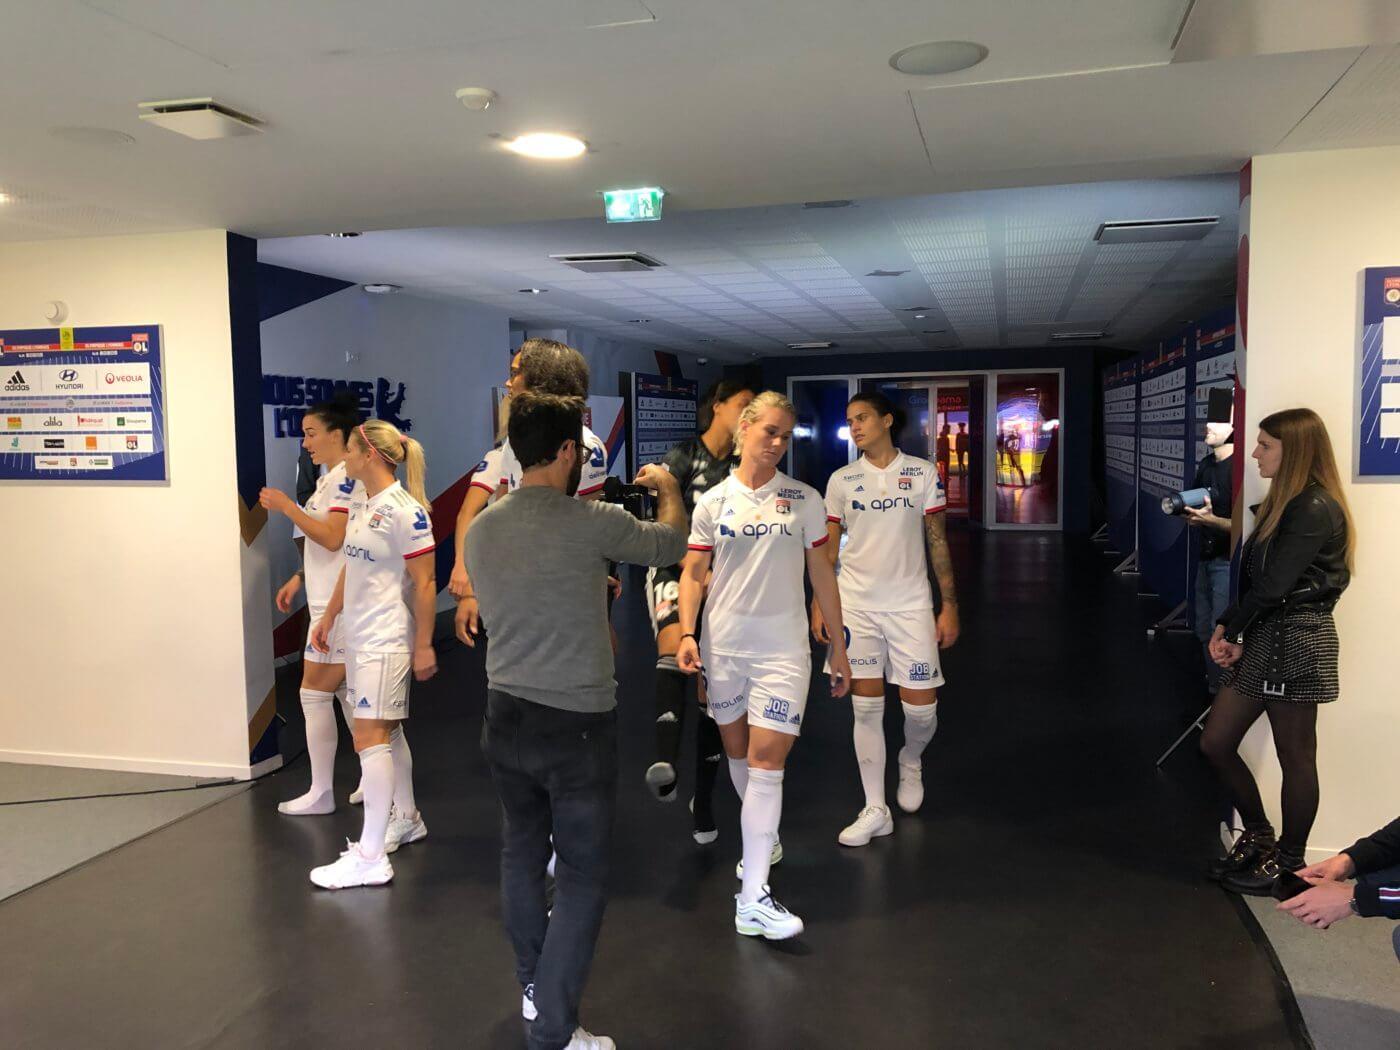 OL - PSG | Olympique Lyonnais 4